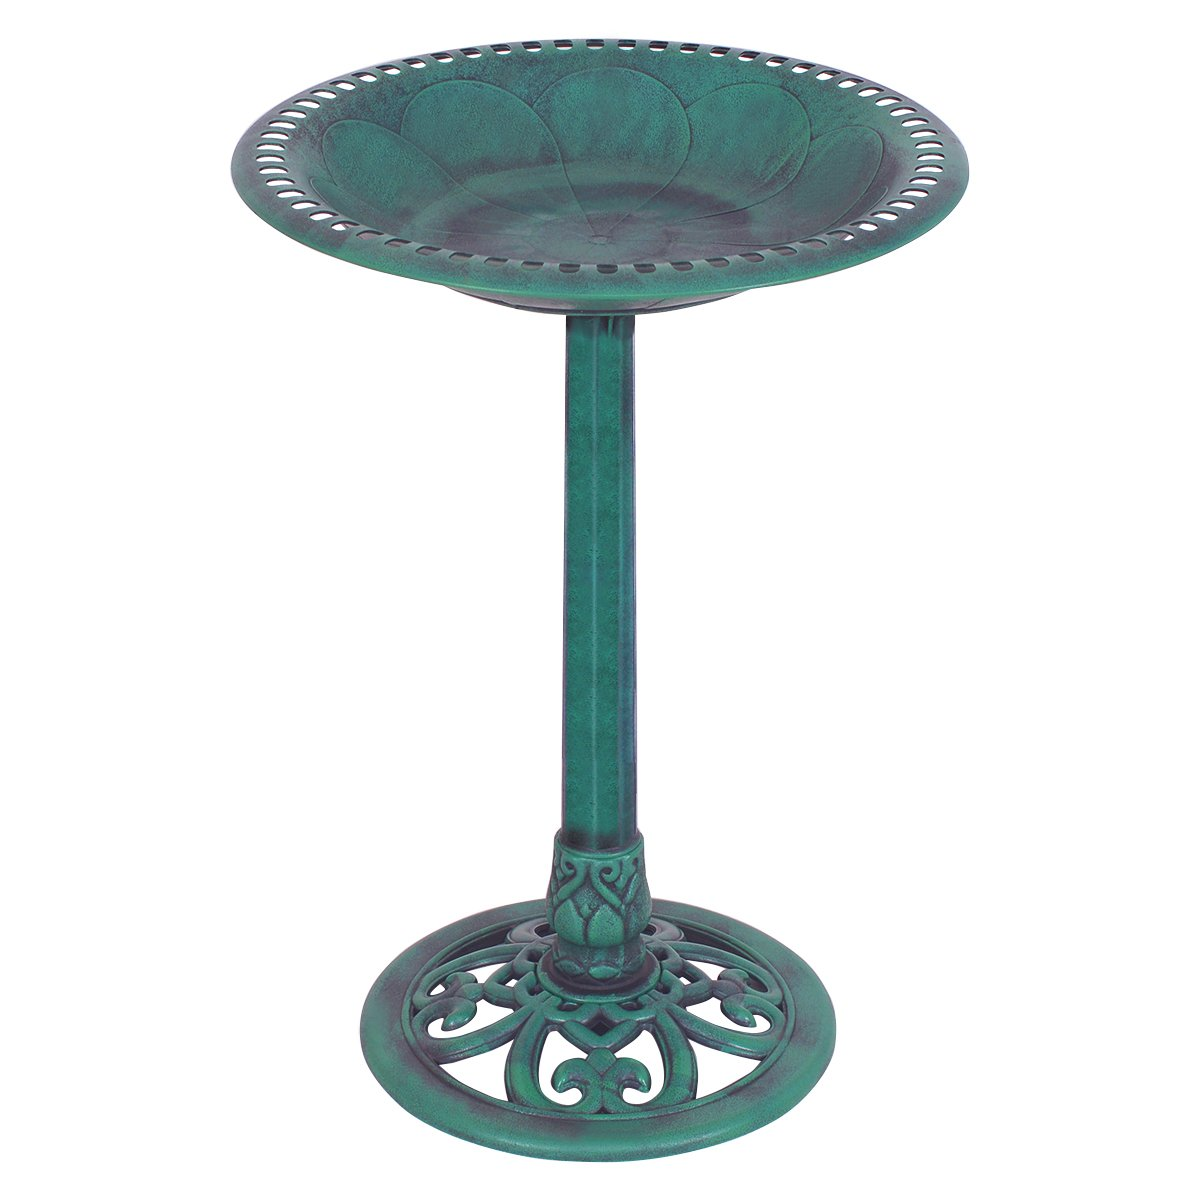 Giantex Pedestal Bird Bath Feeder Freestanding Outdoor Garden Yard Patio Decor (Green)